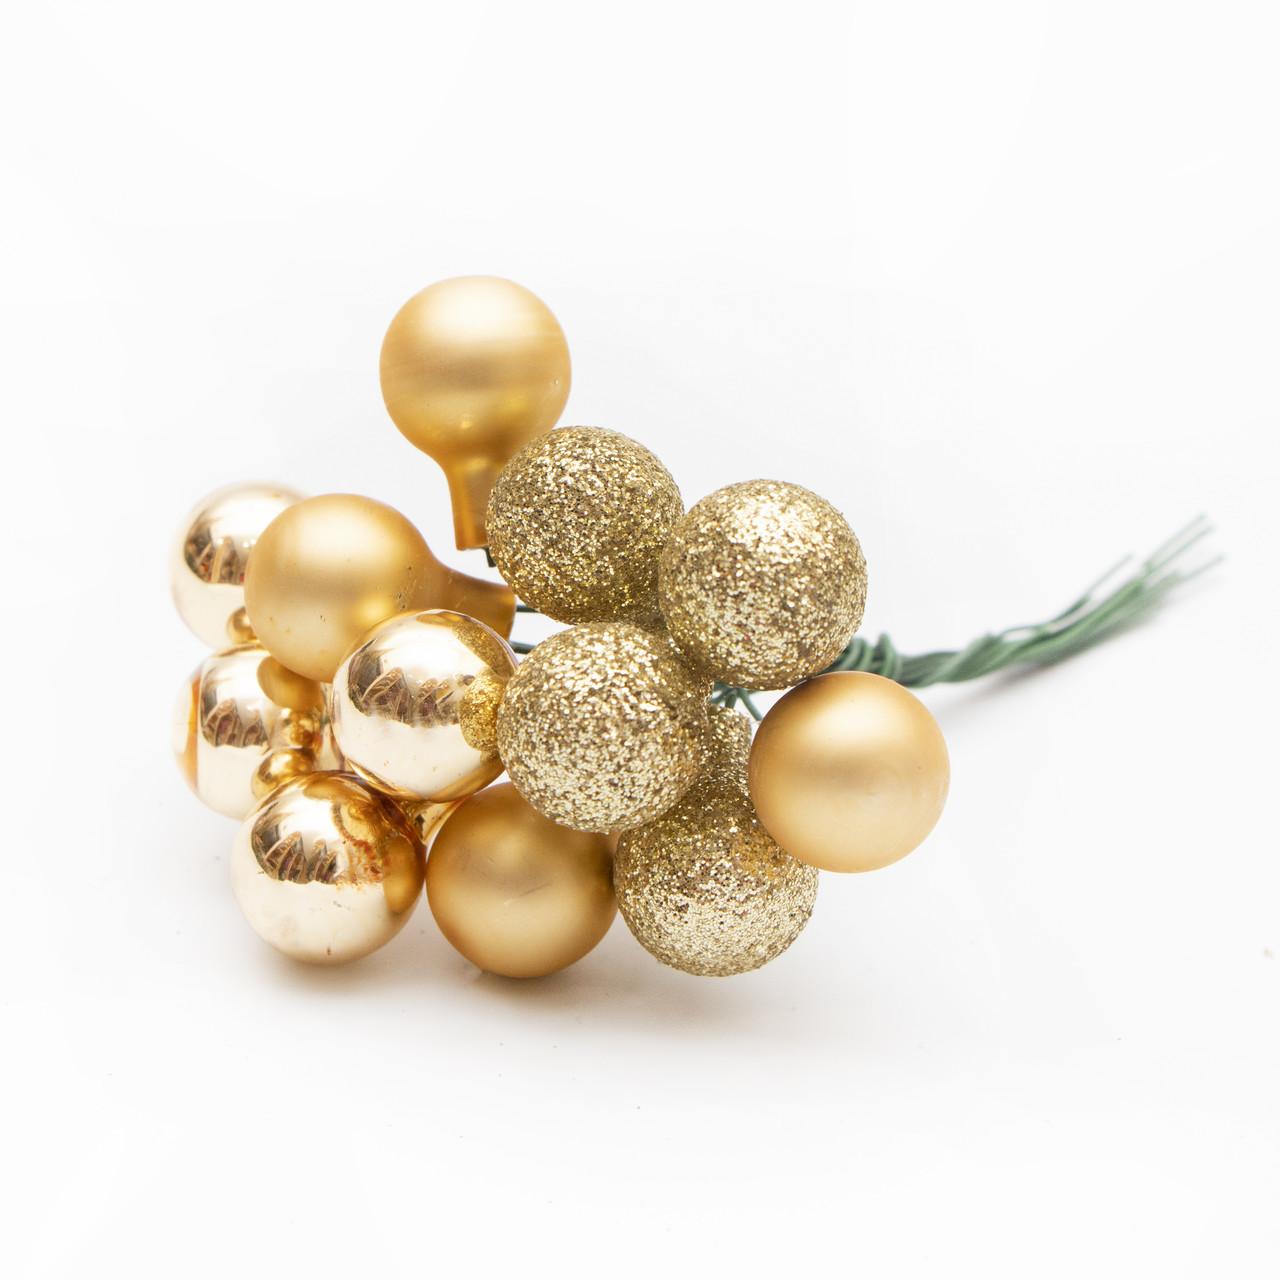 Ялинкова іграшка - гілочка міні-кульок, D1,5 см, золотистий, мікс, скло (390557-2)